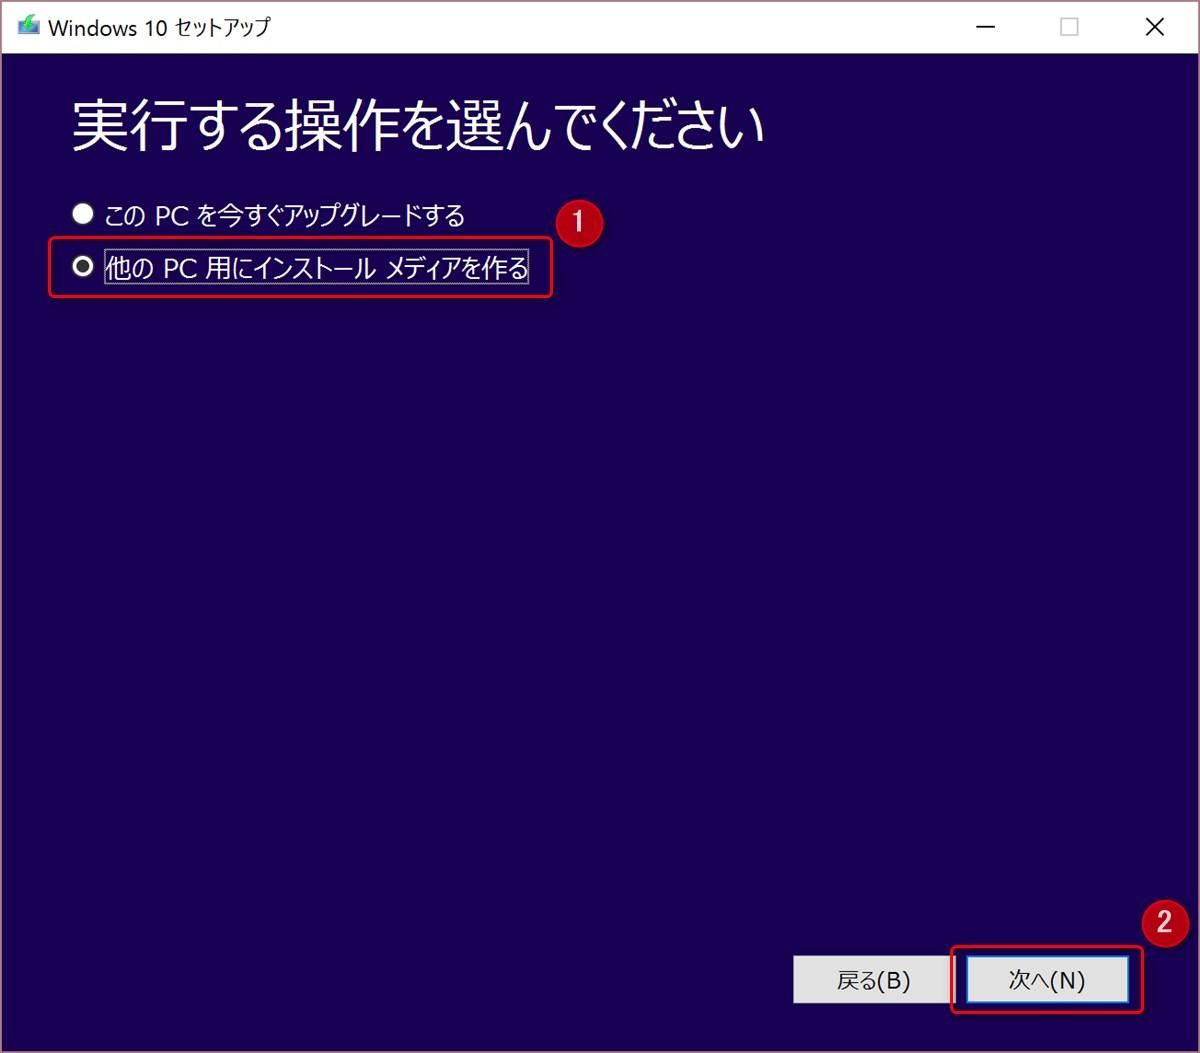 Windows 10 upgrade 4